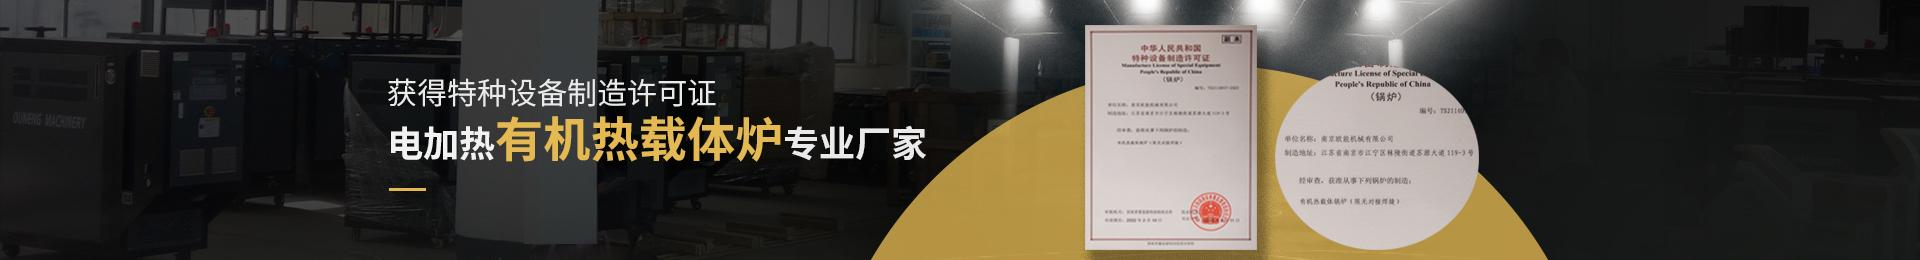 获得特种设备制造许可证,电加热有机热载体炉、电加热温控设备专业厂家